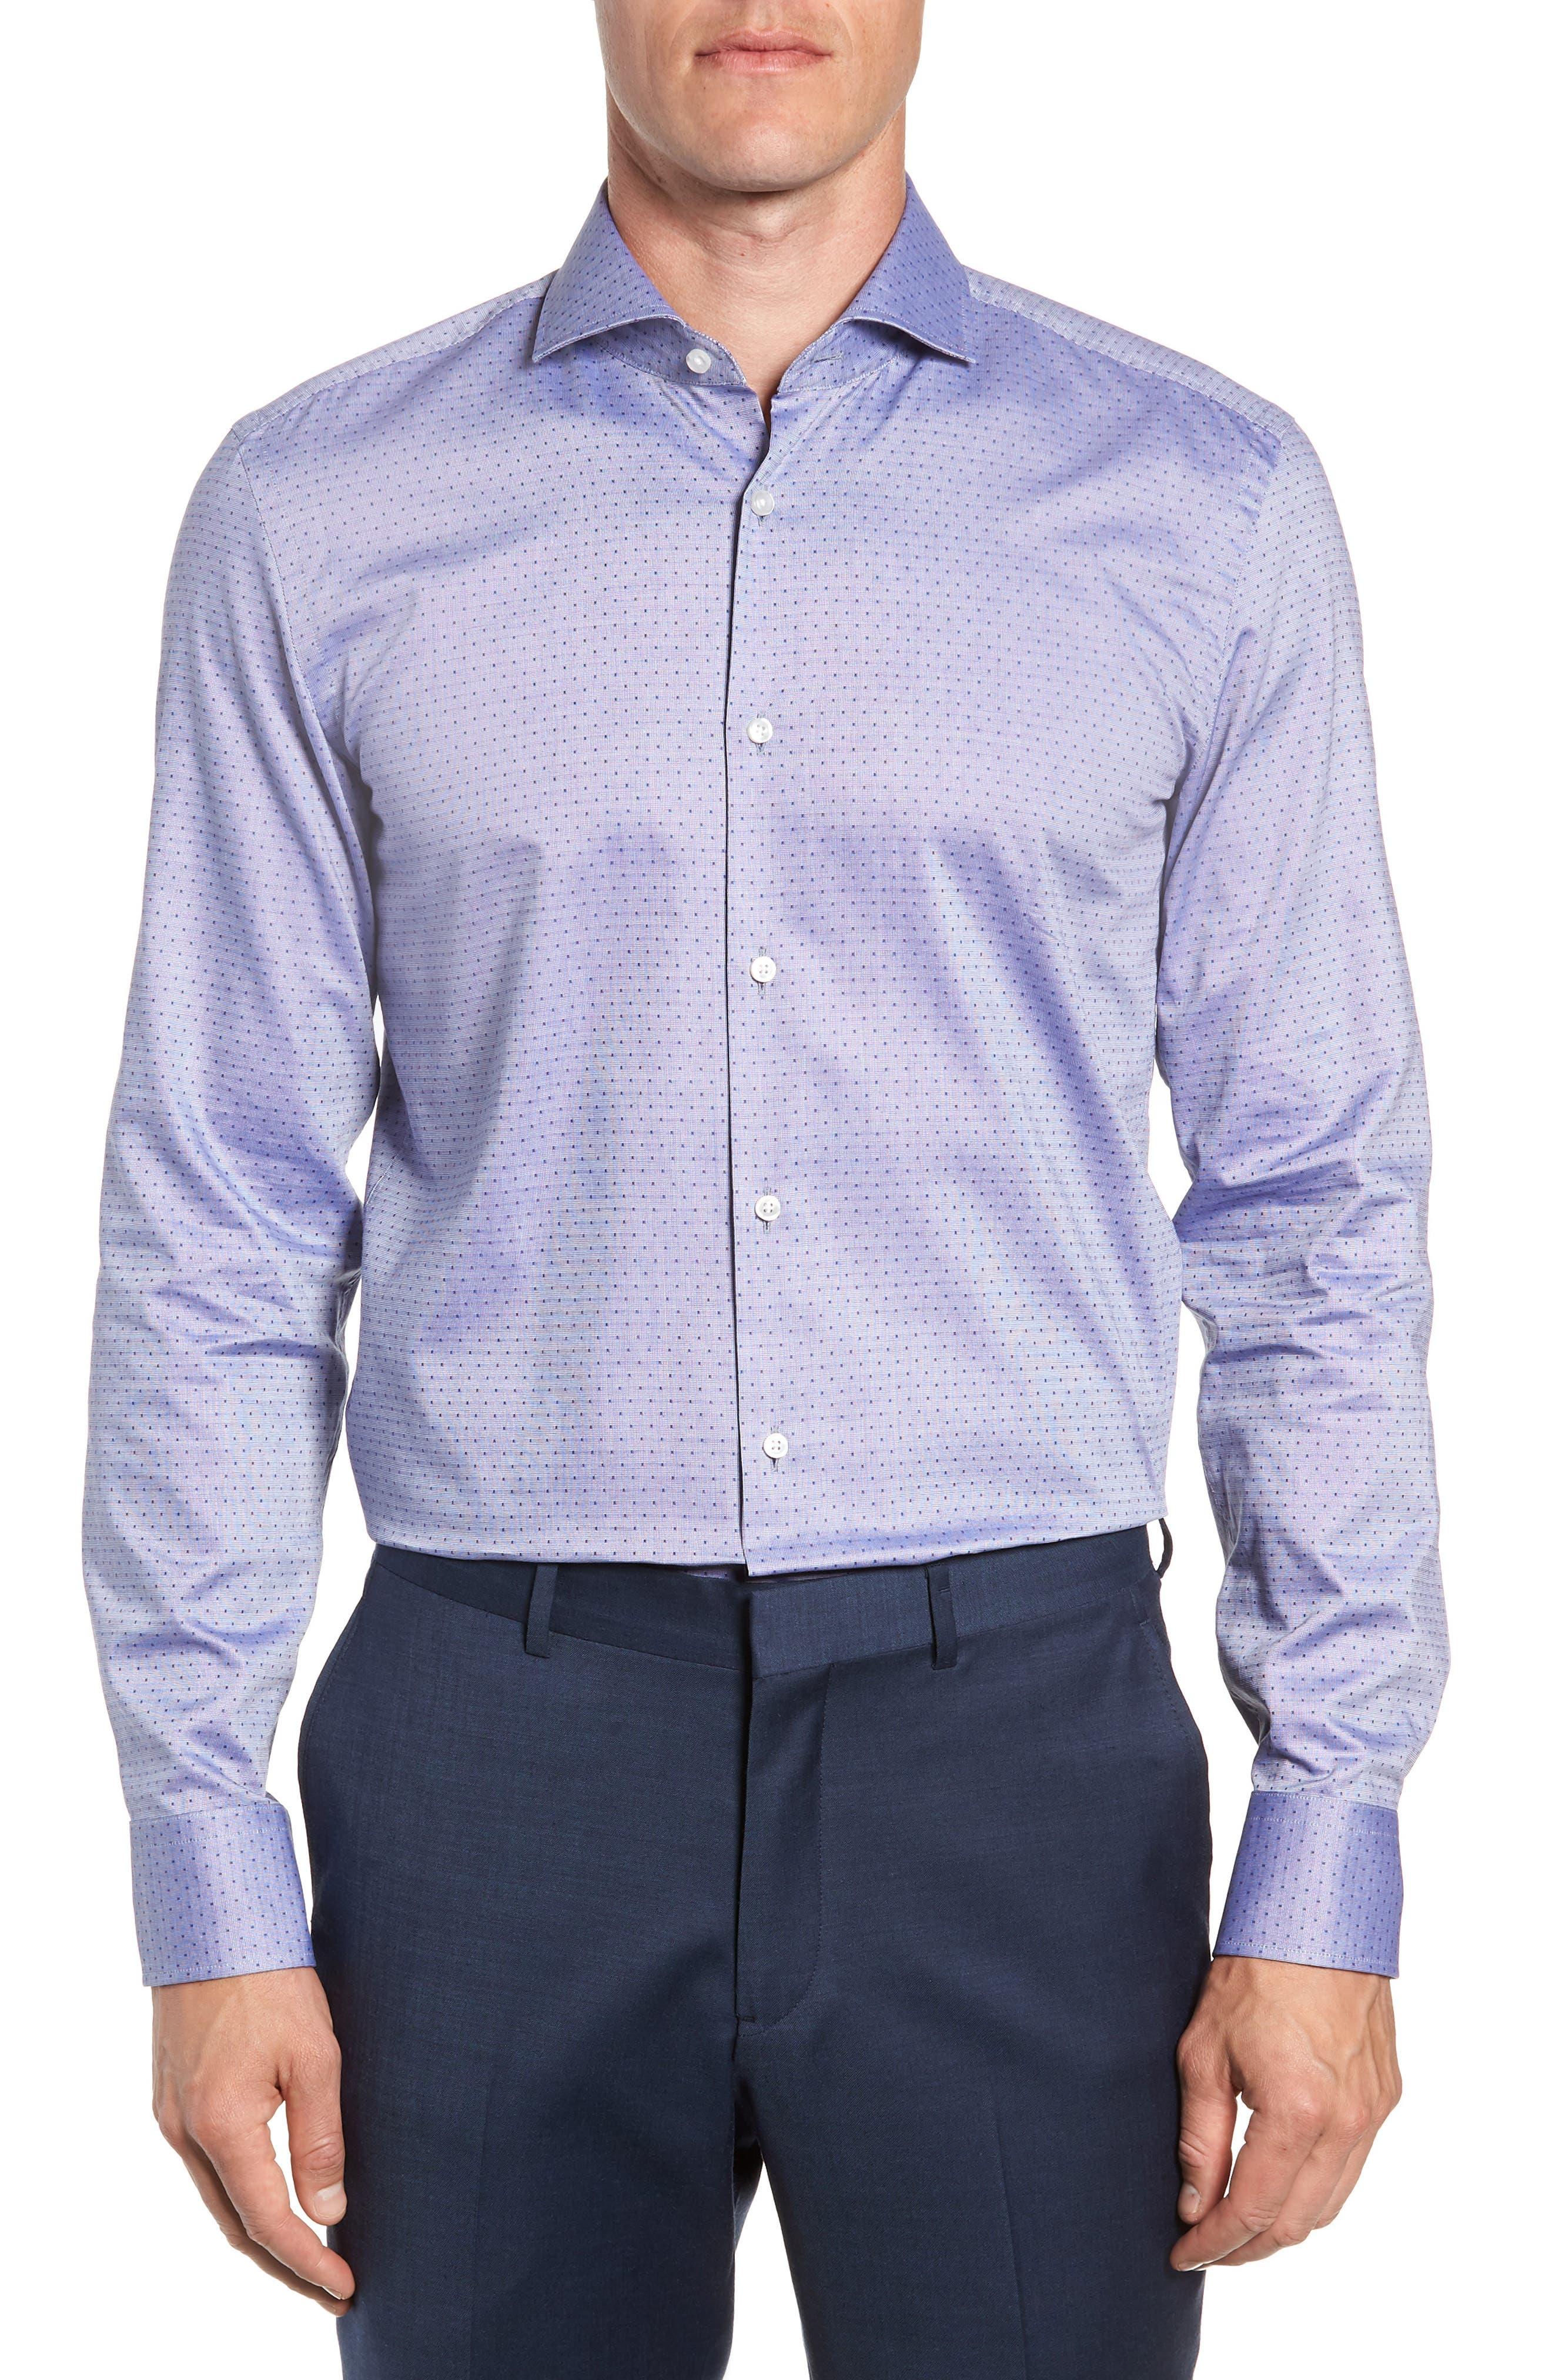 Jason Slim Fit Dot Dress Shirt,                         Main,                         color, NAVY